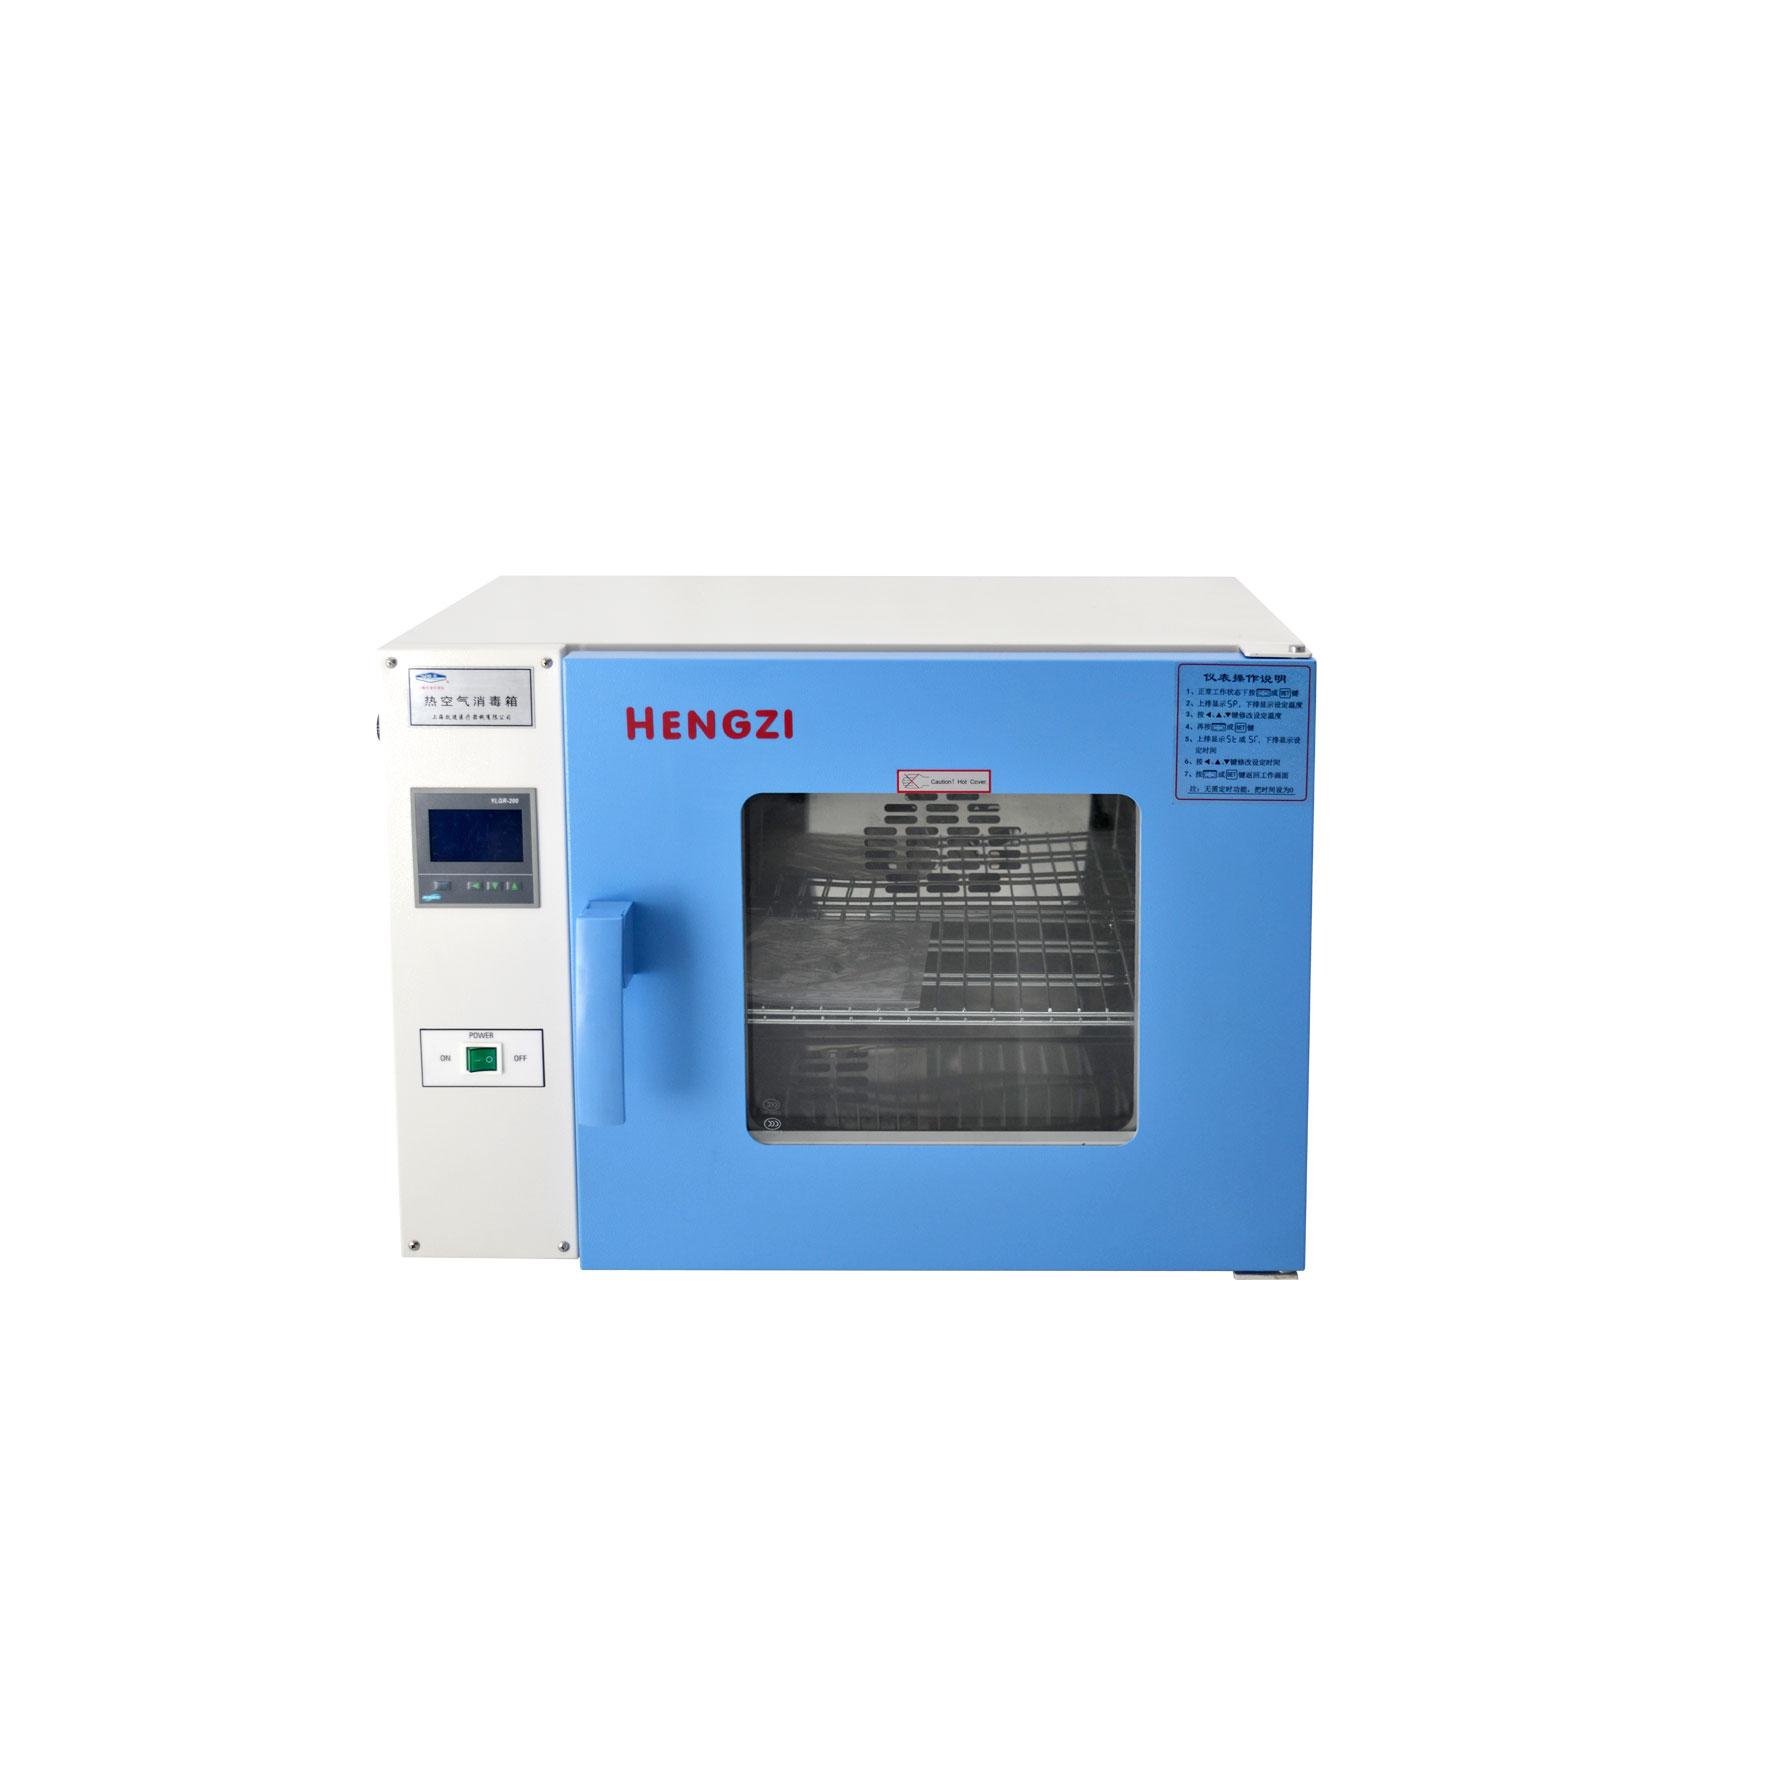 上海跃进HGRF-9073热空气消毒箱(液晶显示)